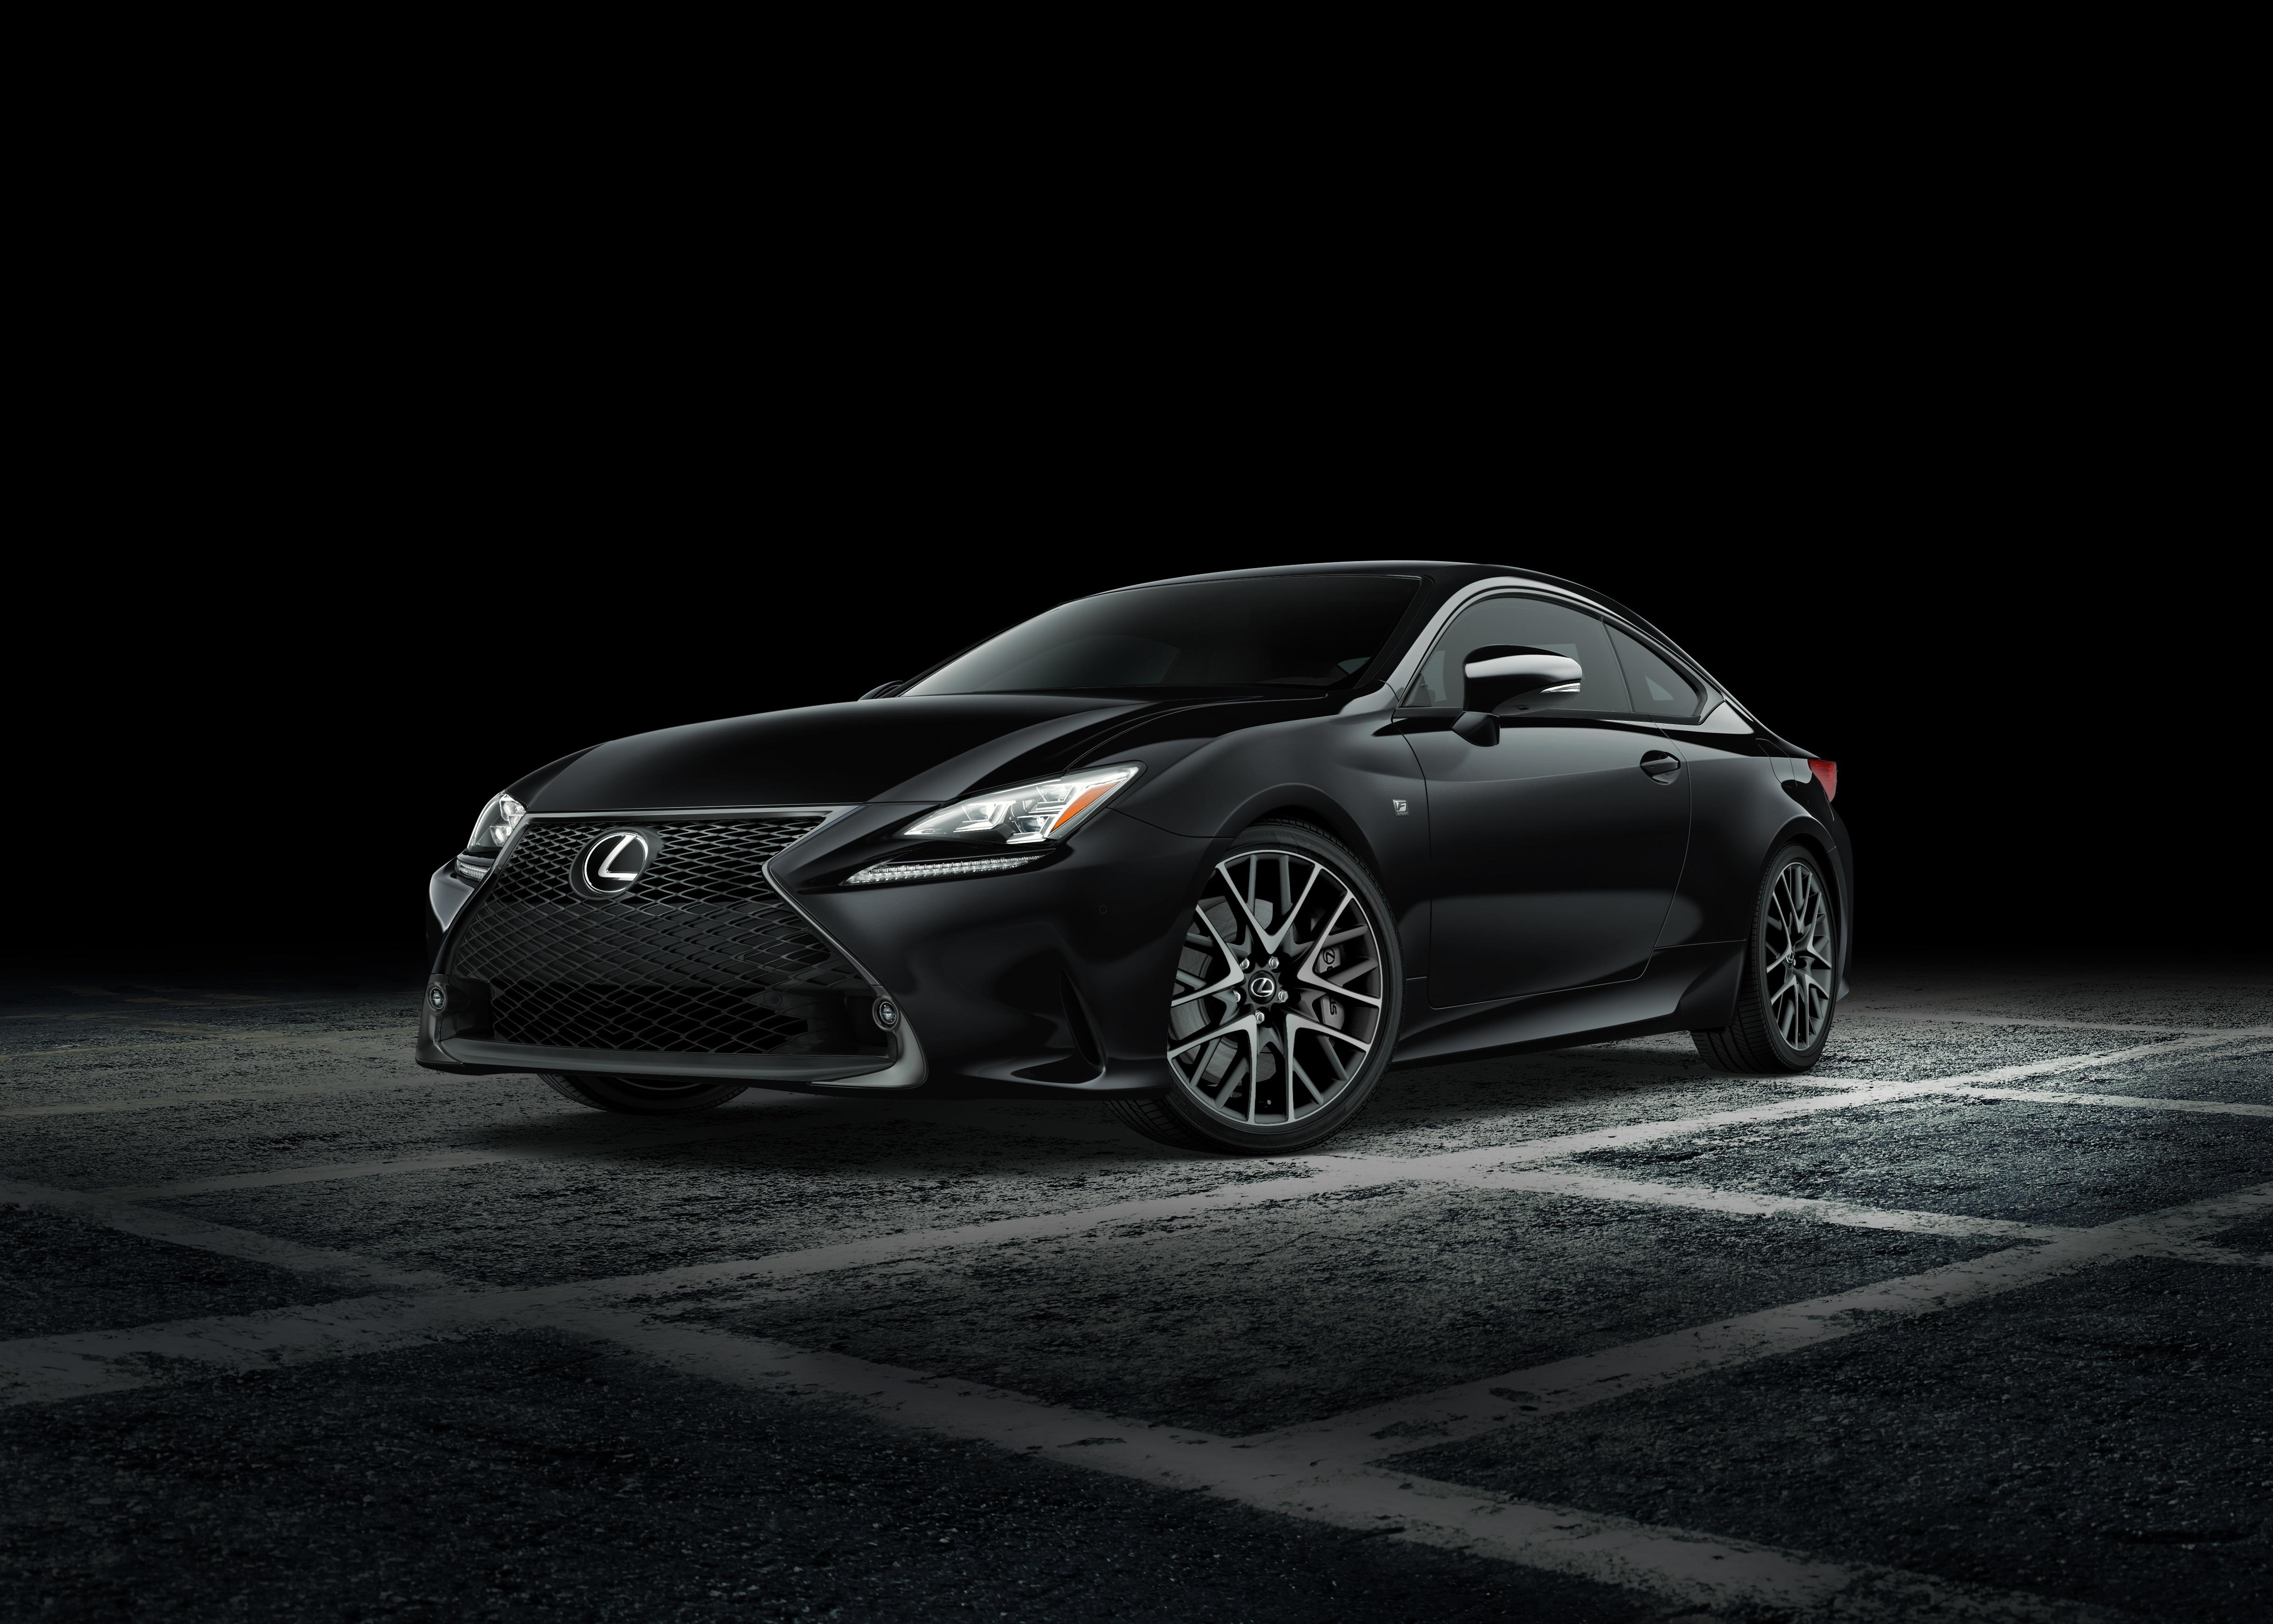 Lexus vous invite à assouvir votre passion pour la conduite sportive au Salon international de l'auto de Vancouver